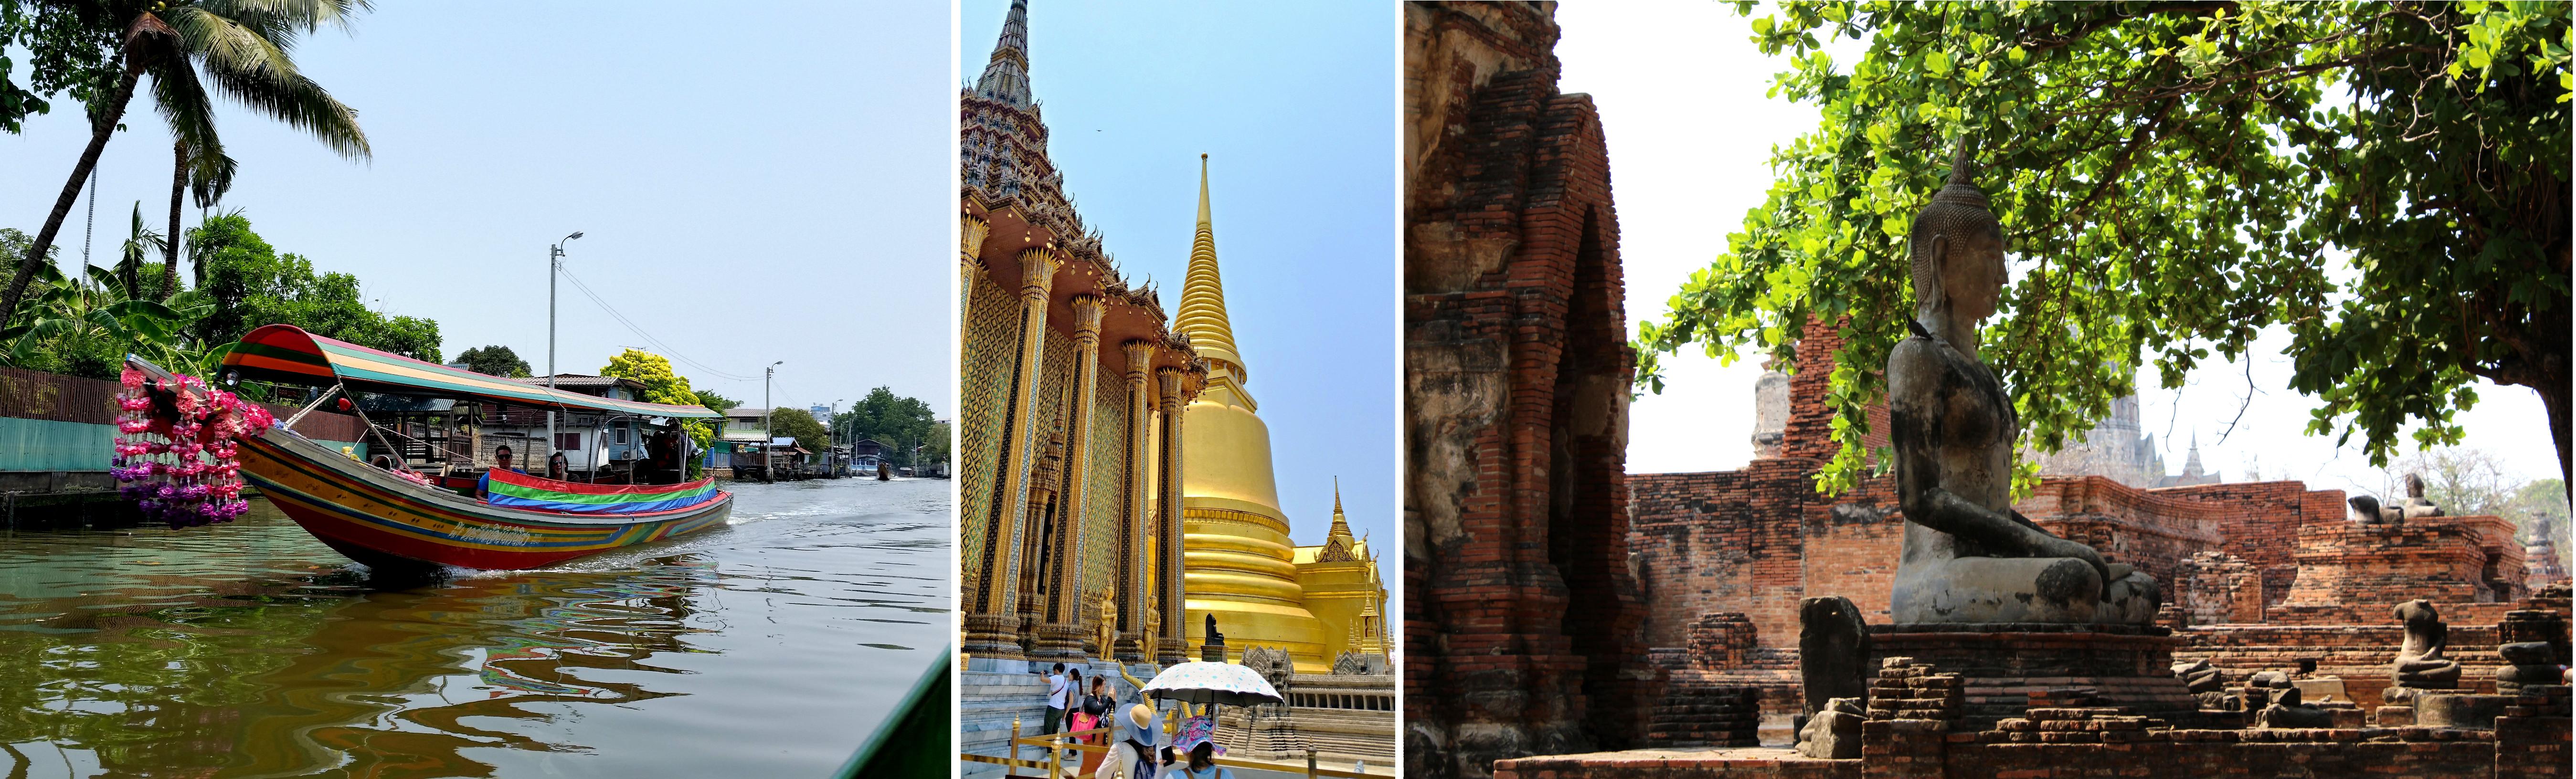 Bangkok / Zentralthailand – Tag 1